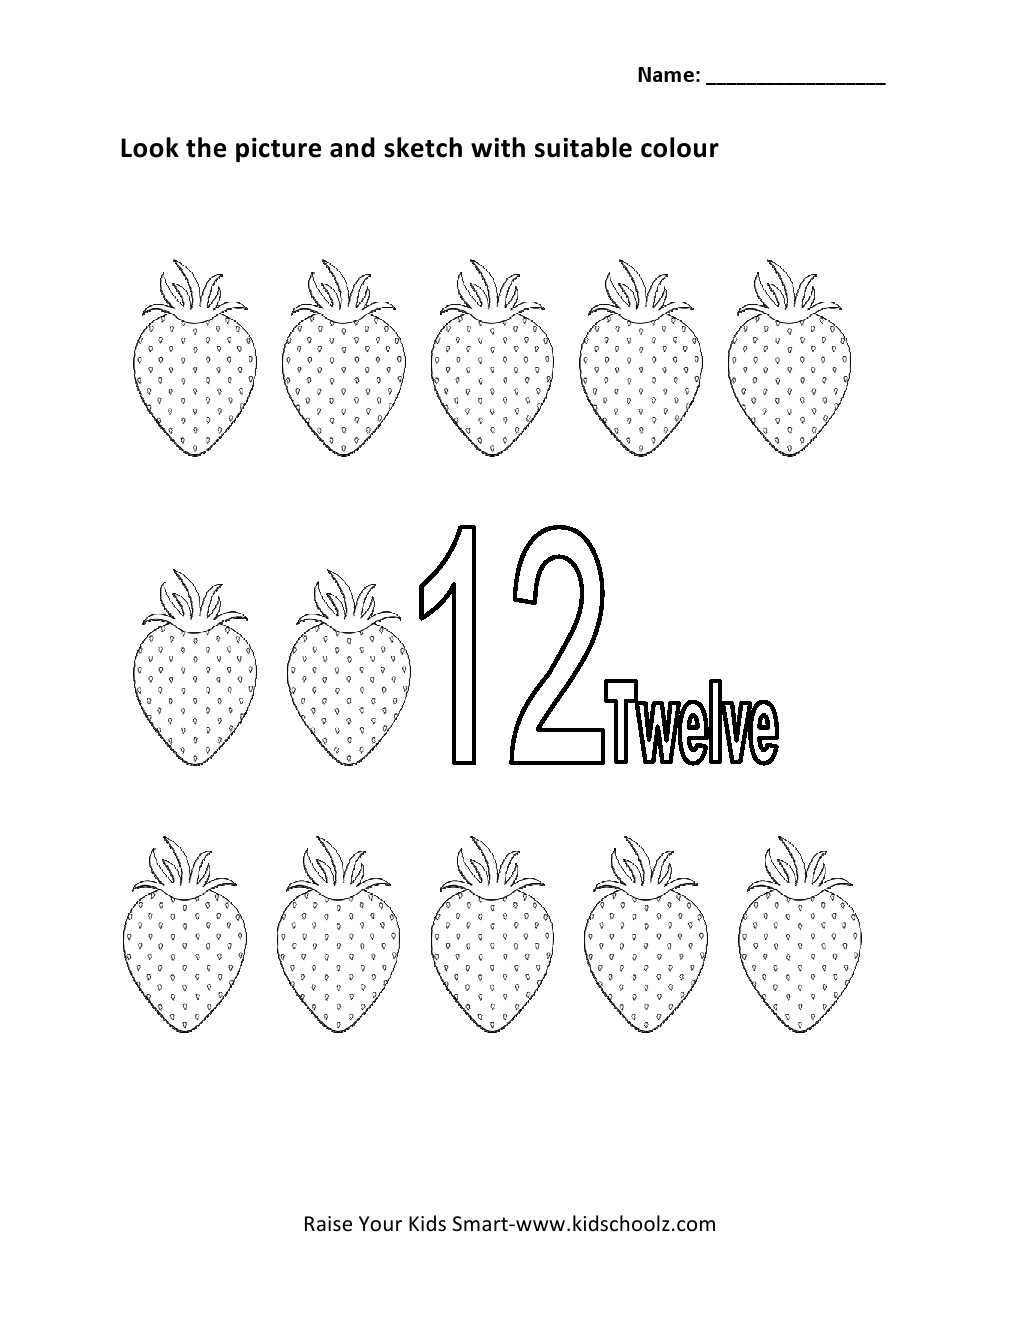 Worksheets Number 12 Worksheets For Preschool numbers colouring worksheet twelve 12